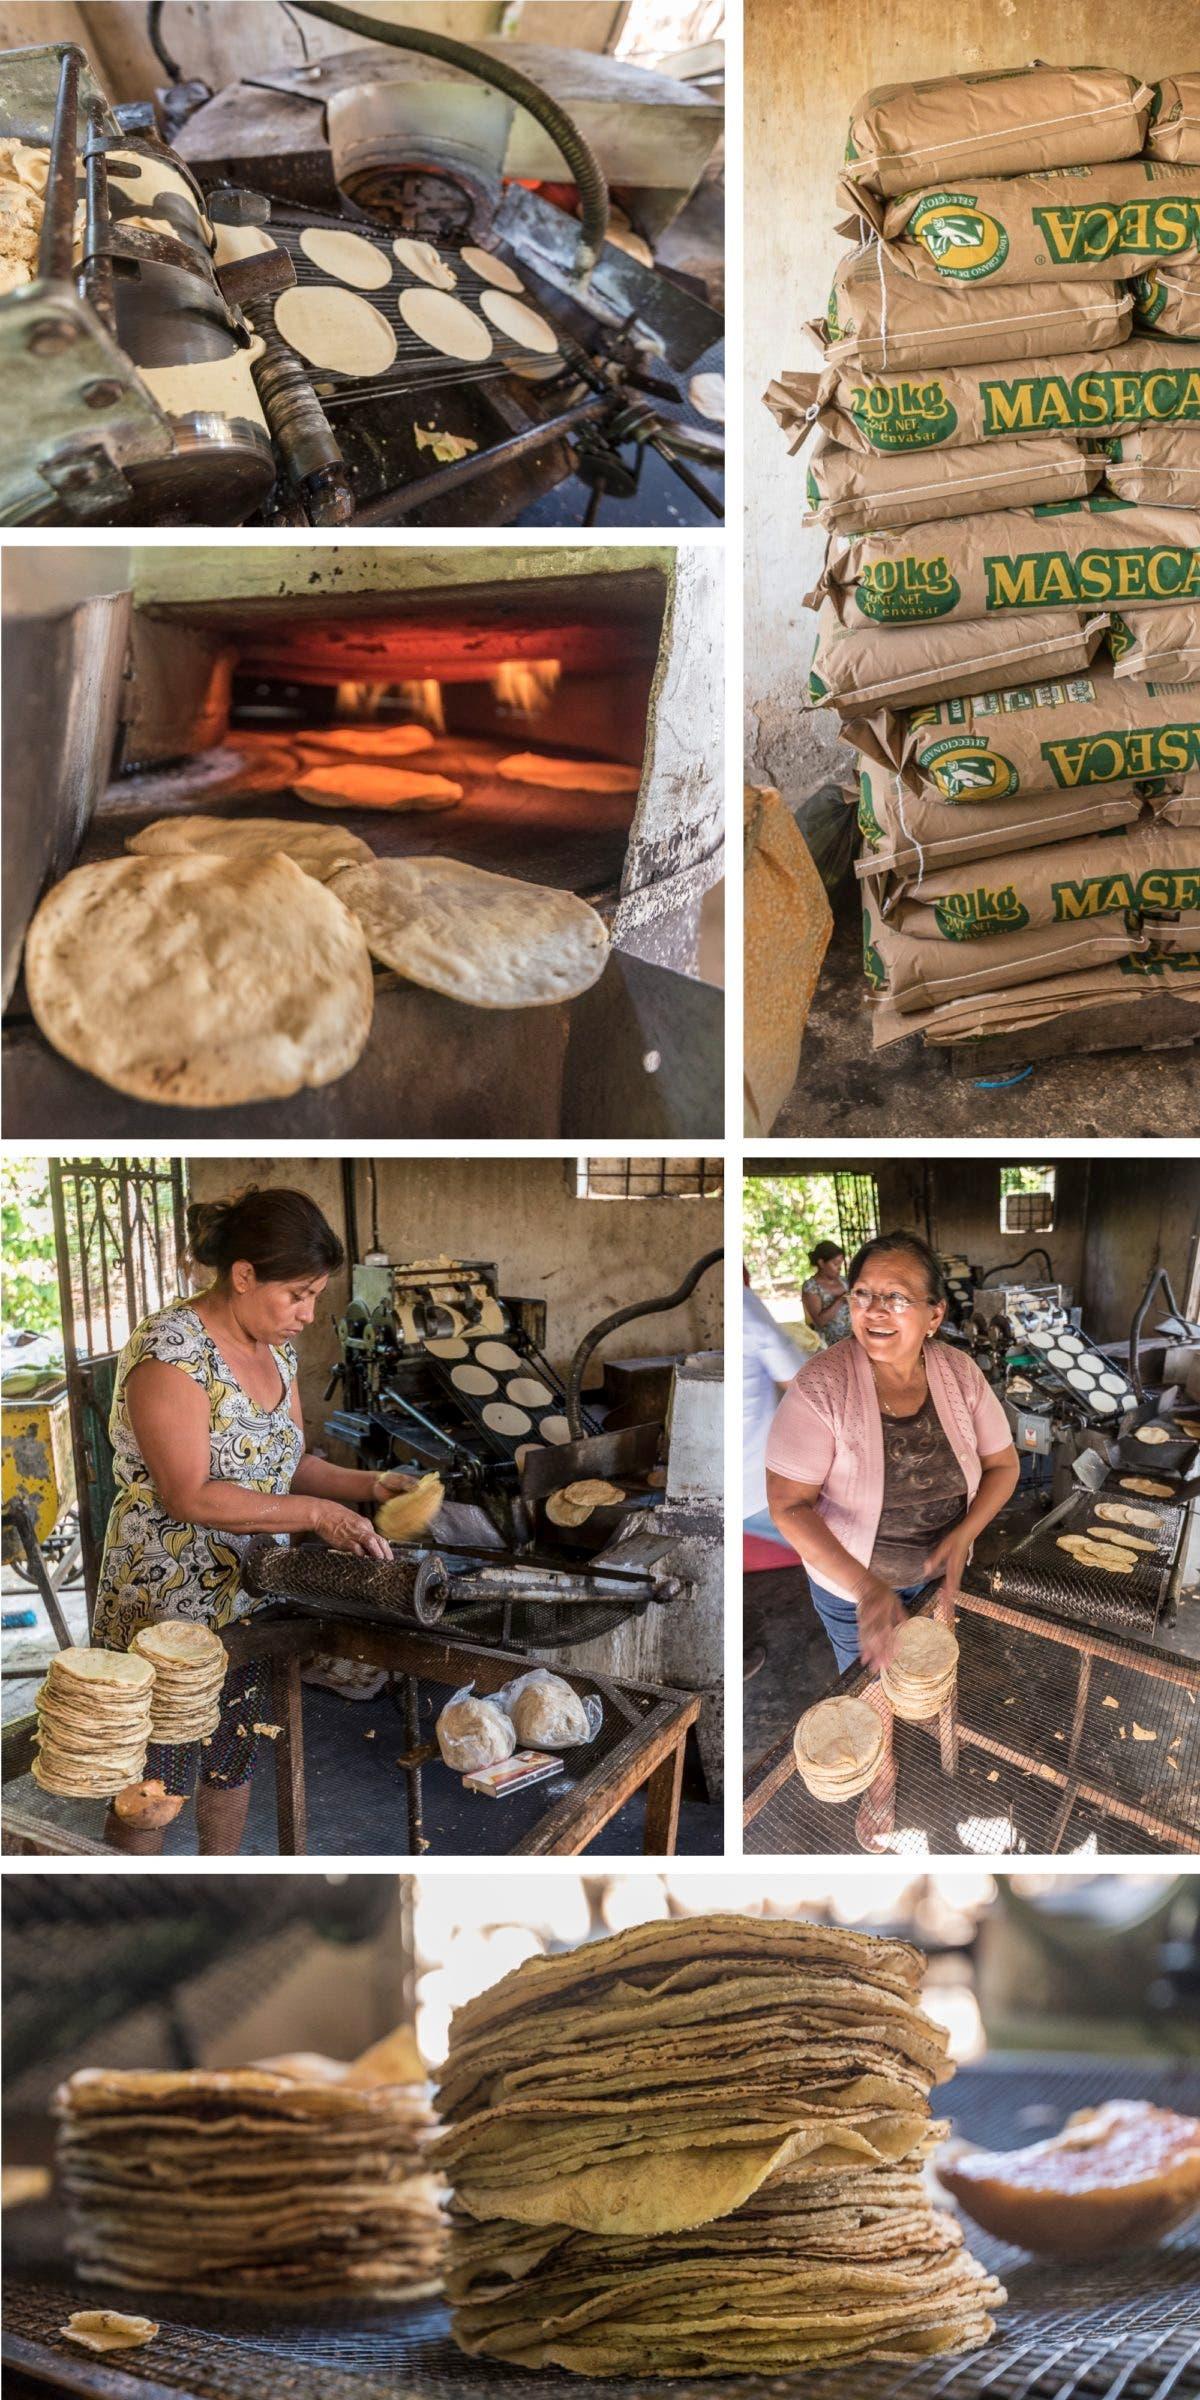 Herstellung von Tacos in Mexiko.